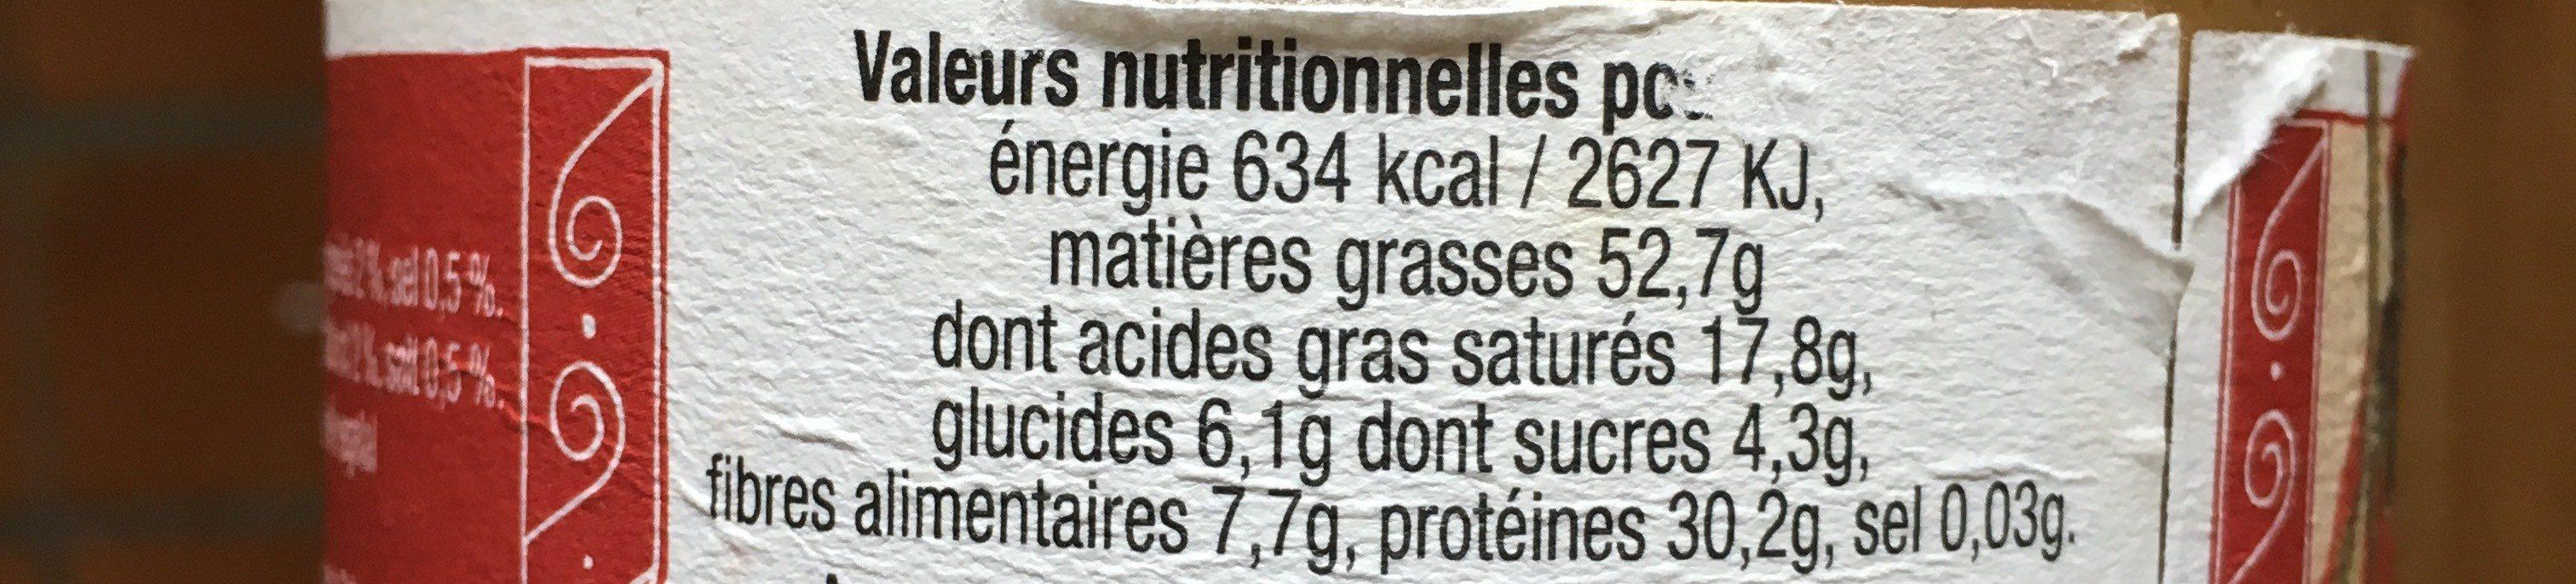 Pâte d'arachide - Informations nutritionnelles - fr